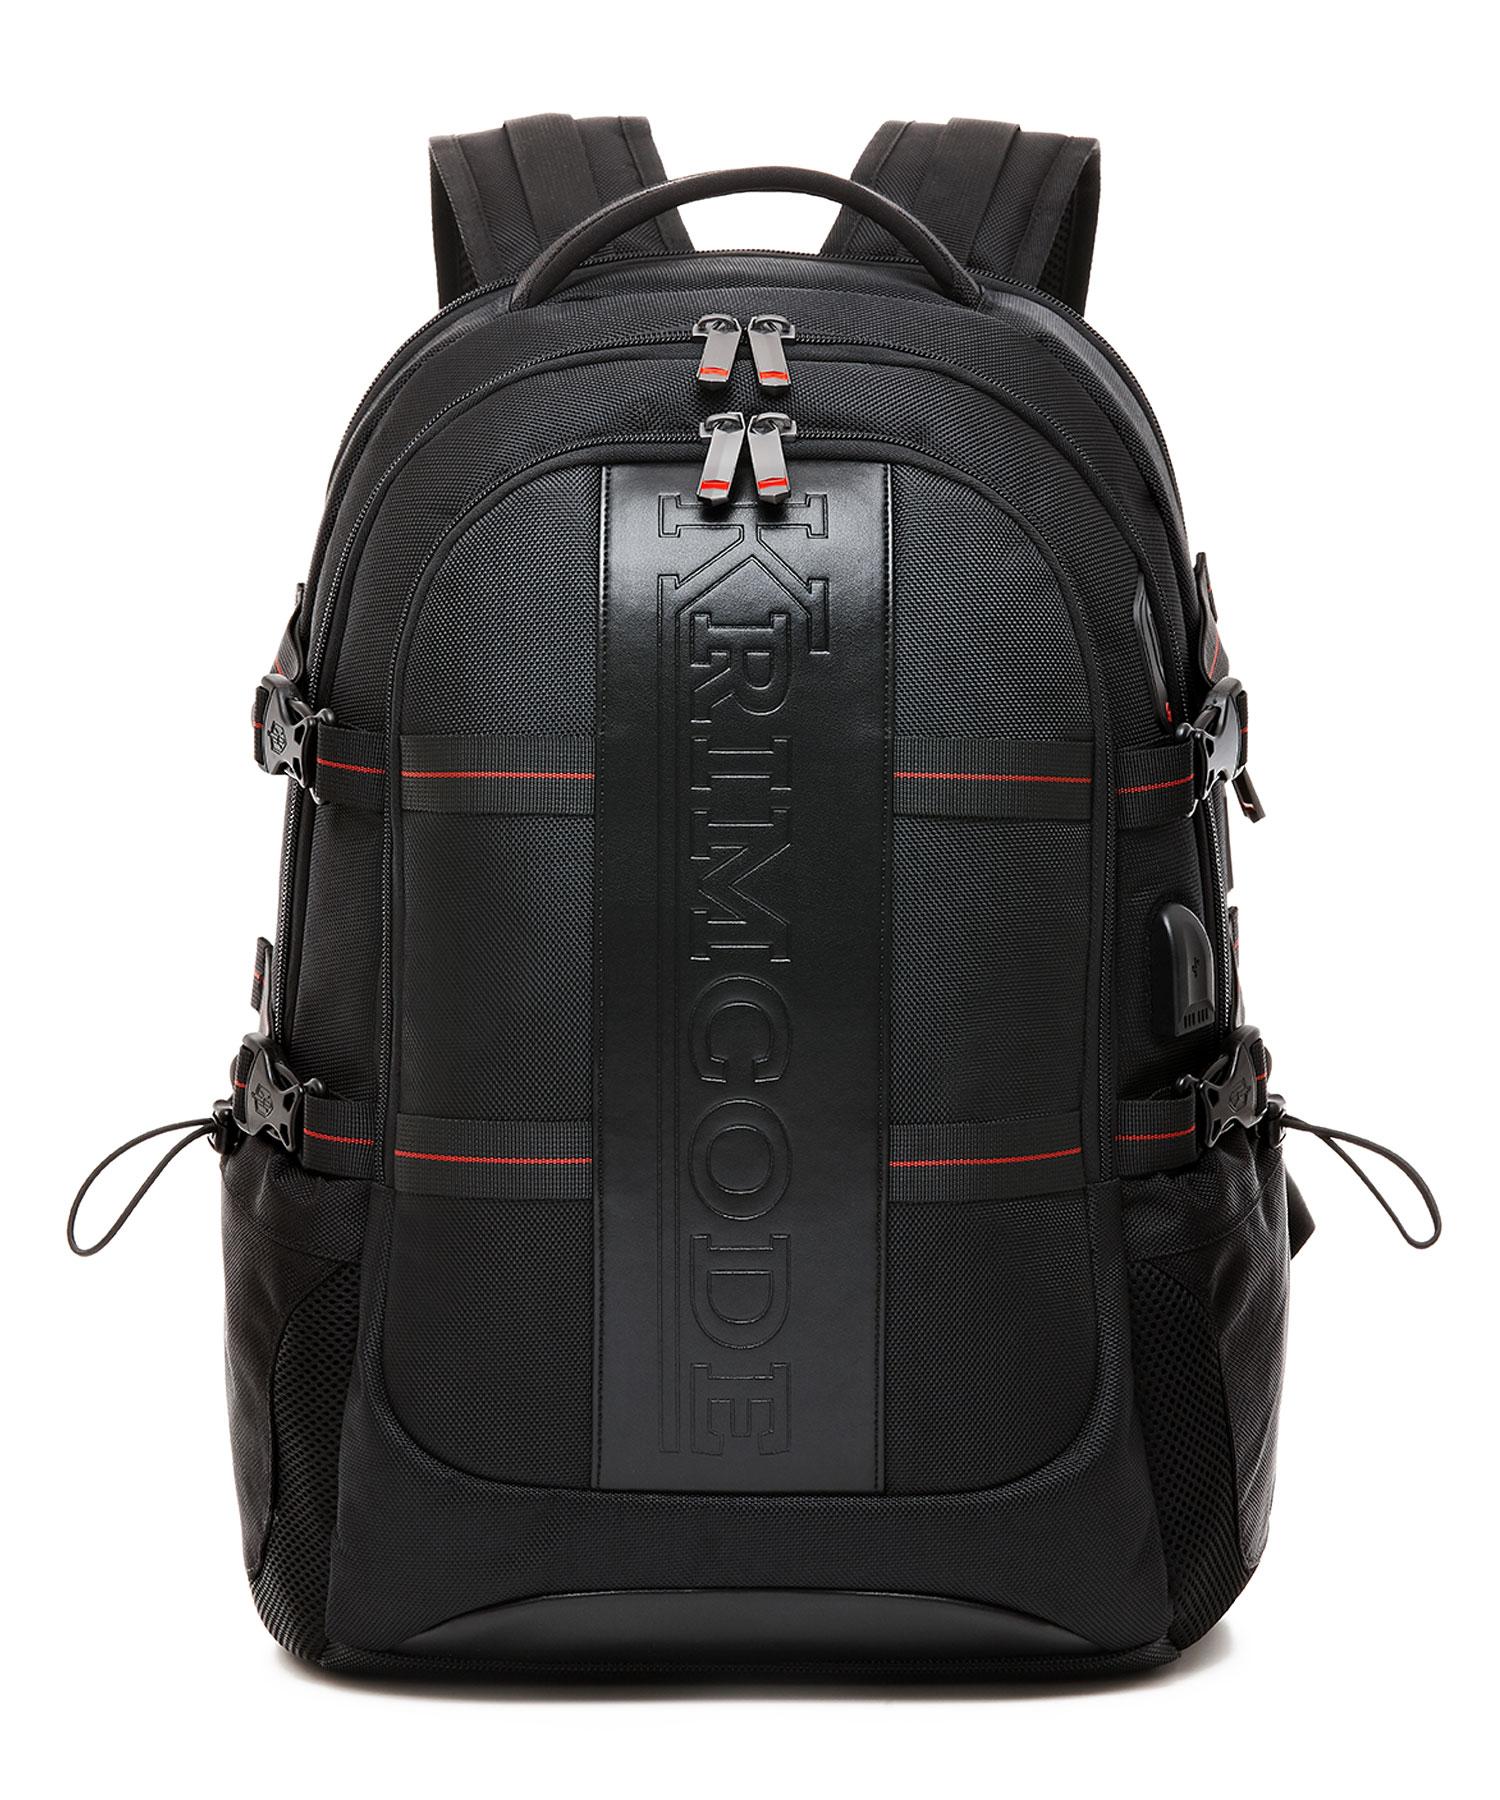 Krimcode Business Formal Notebook Backpack Front